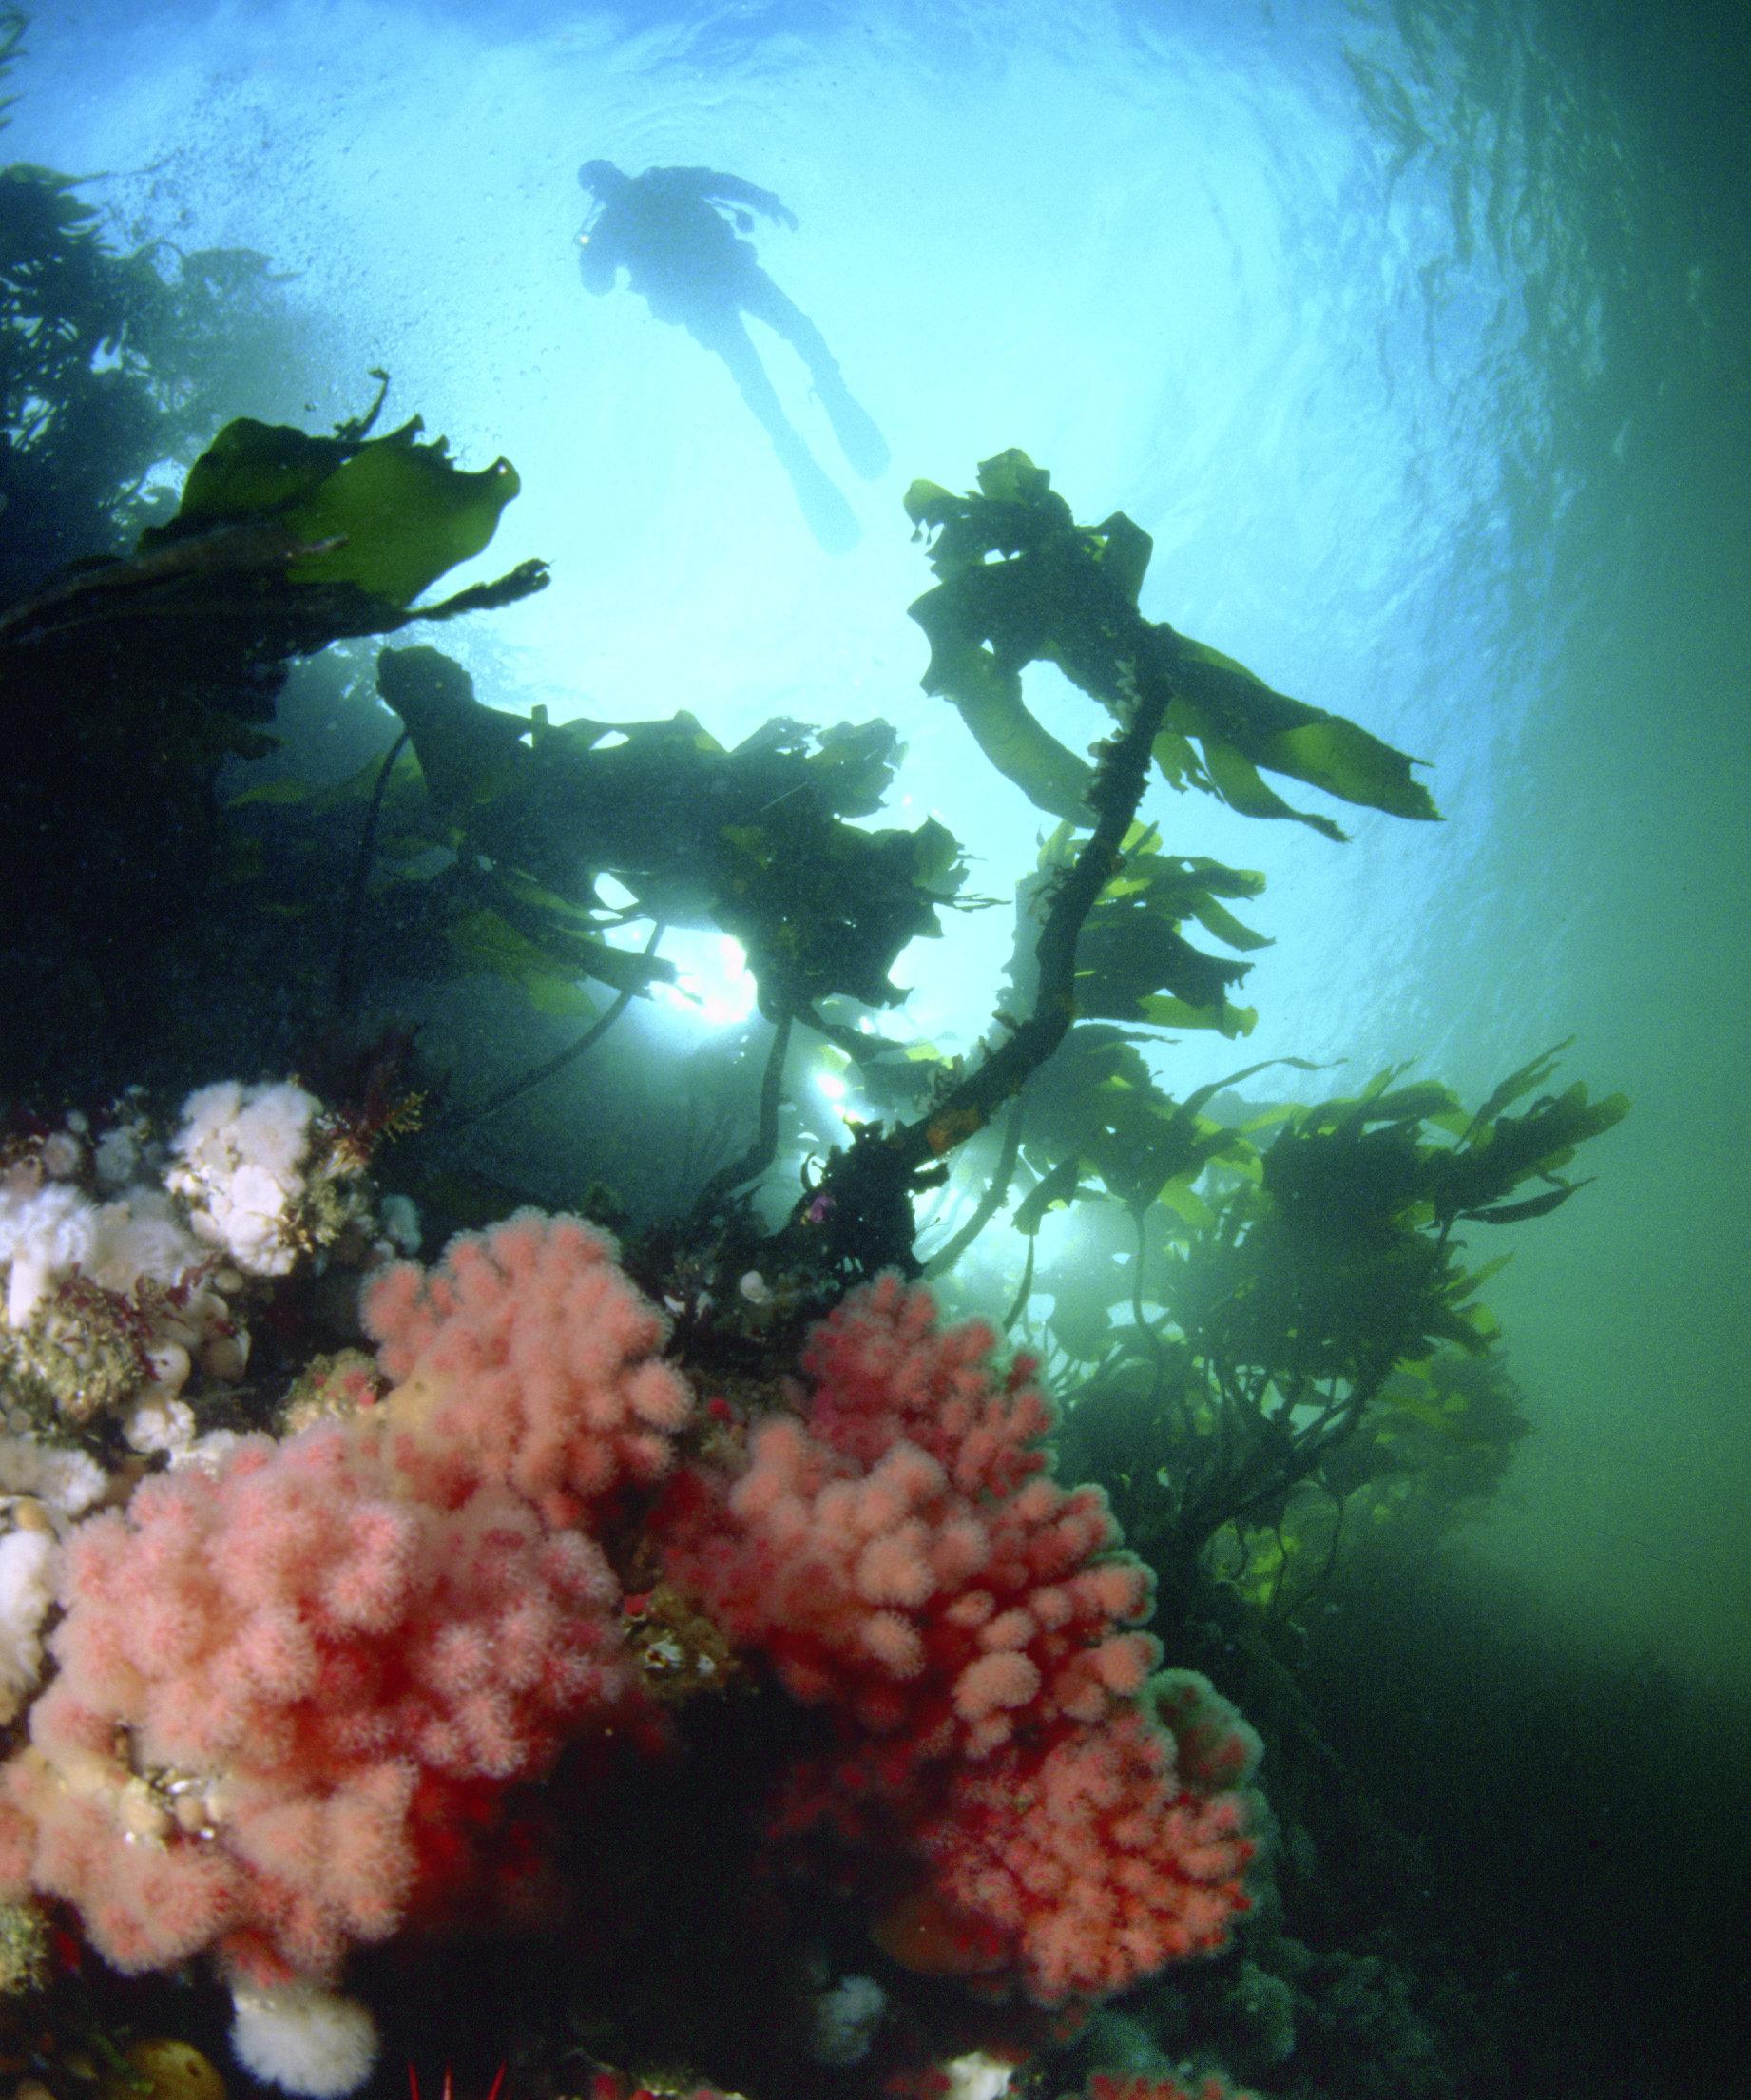 diver, Johnstone Strait, BC